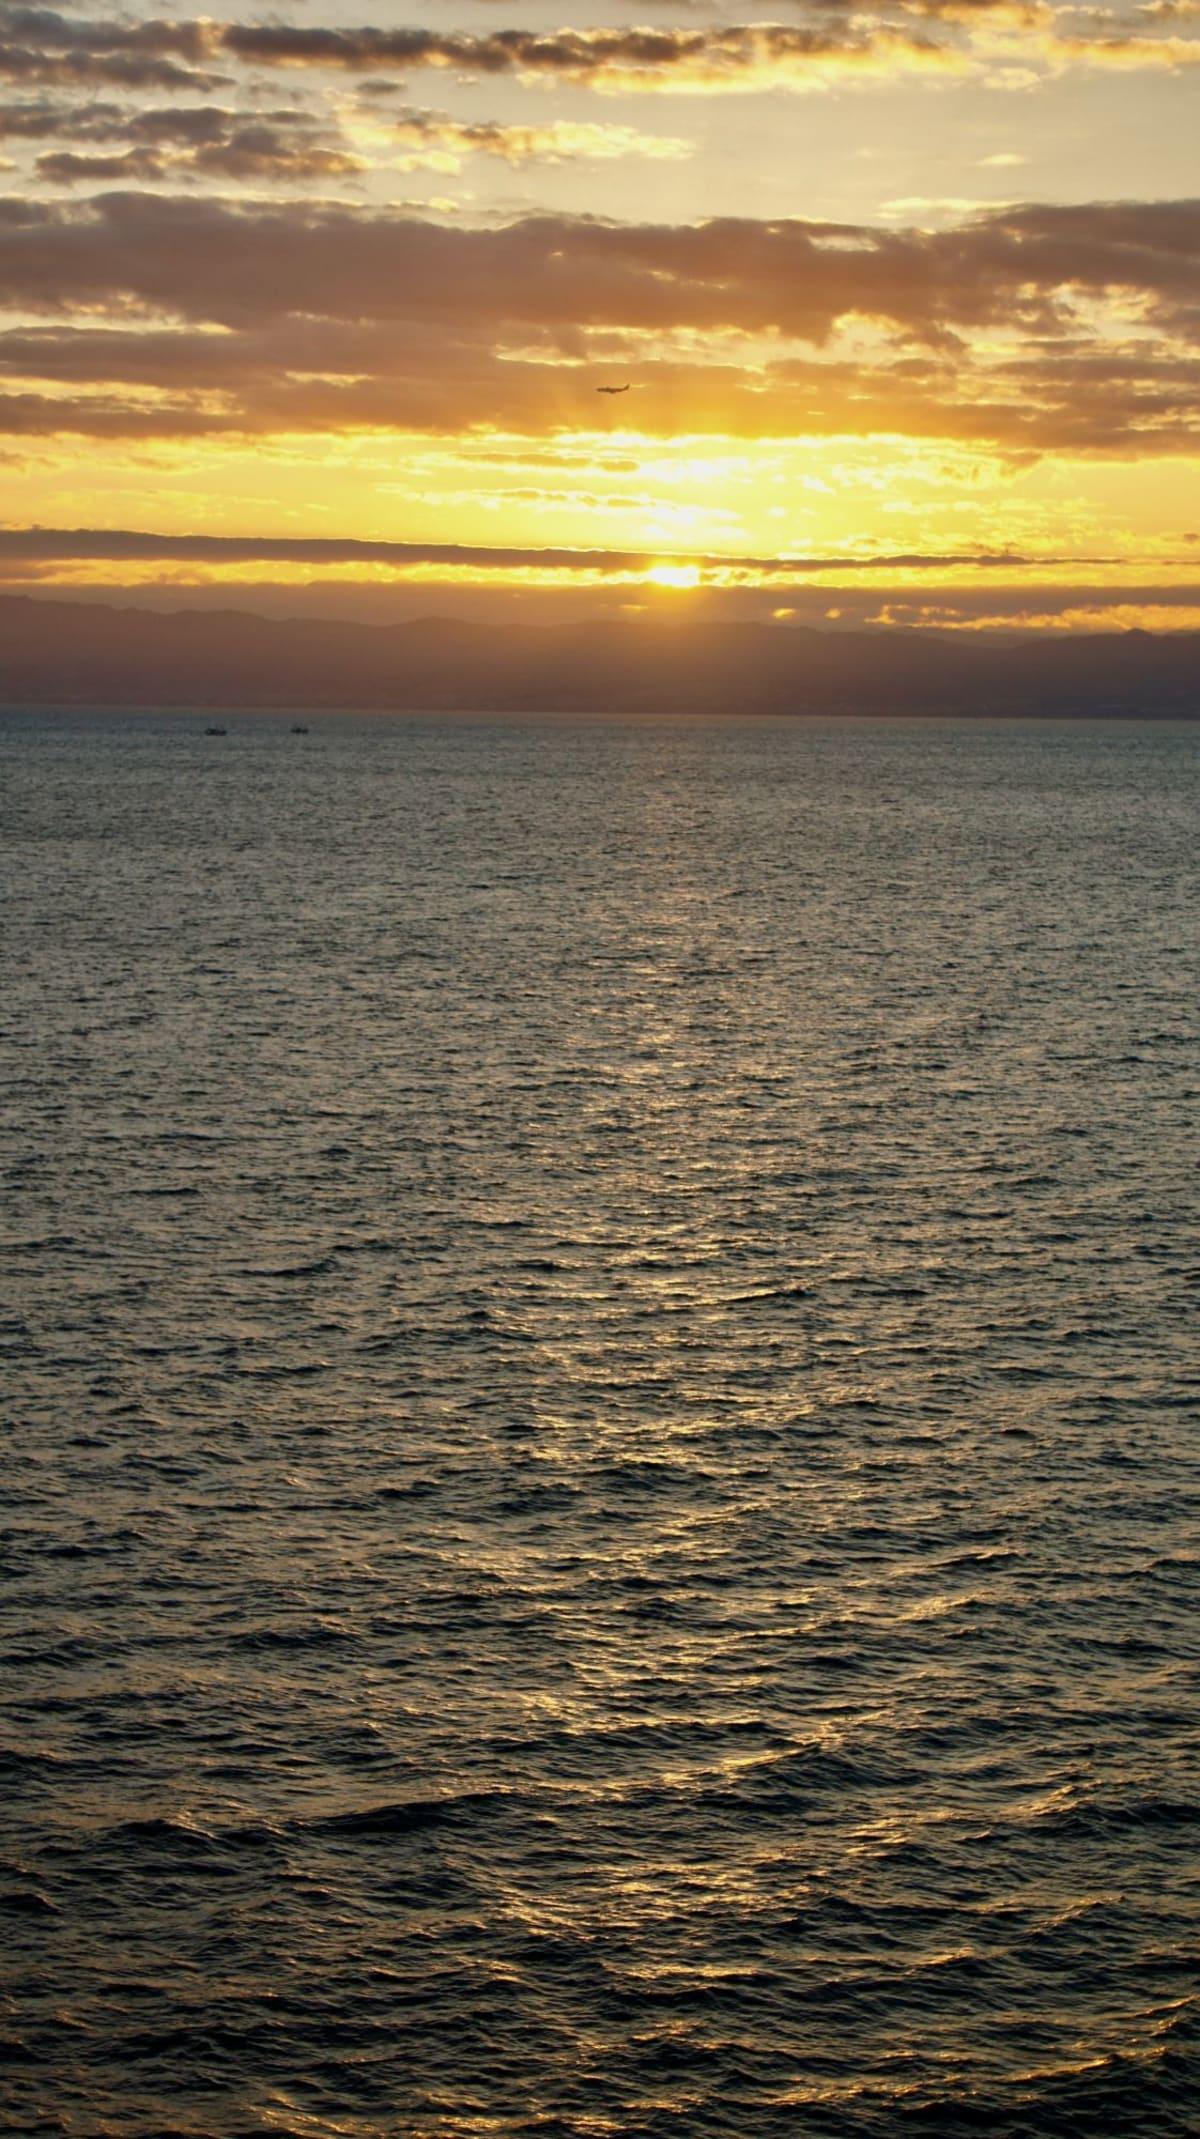 3日目。海から朝日を眺めるのは初めての経験でした。